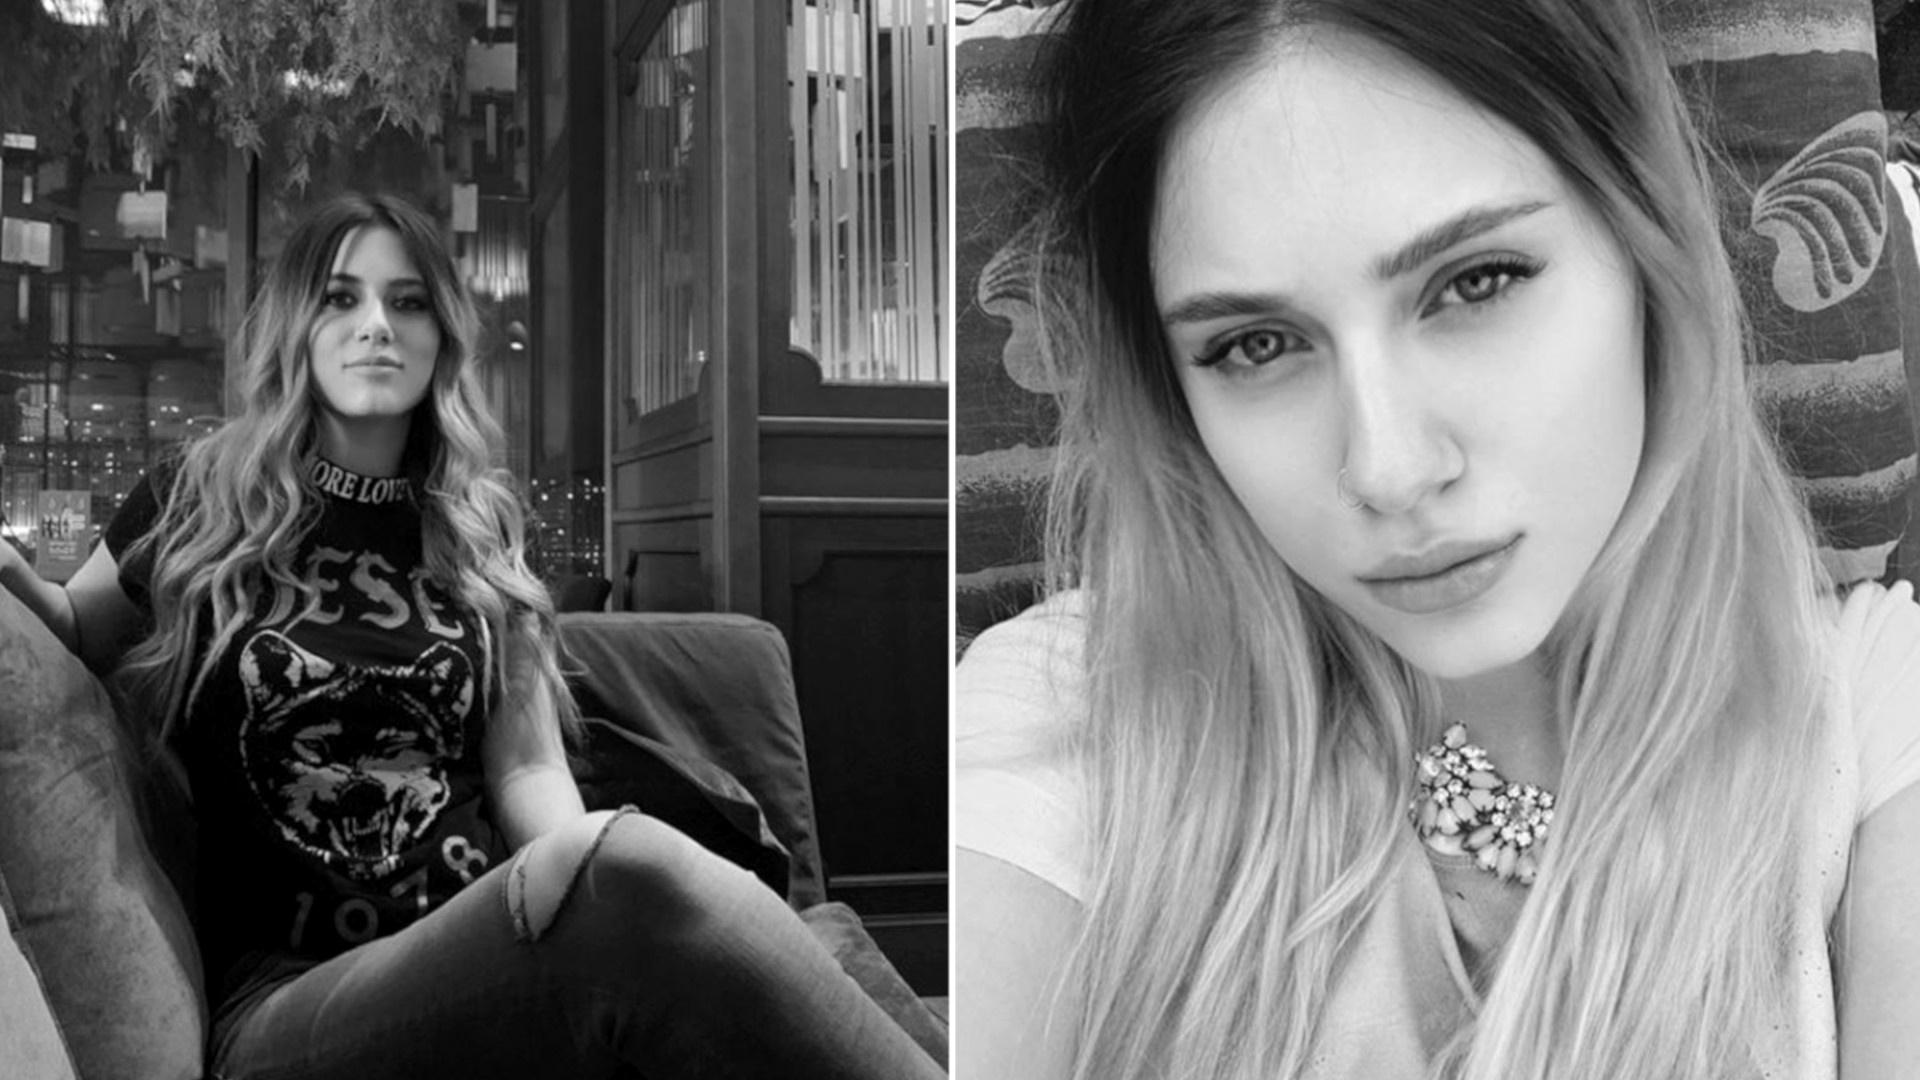 Rosyjska gwiazda, 26-letnia Lia nie żyje. Jej ciało znaleziono w łazience